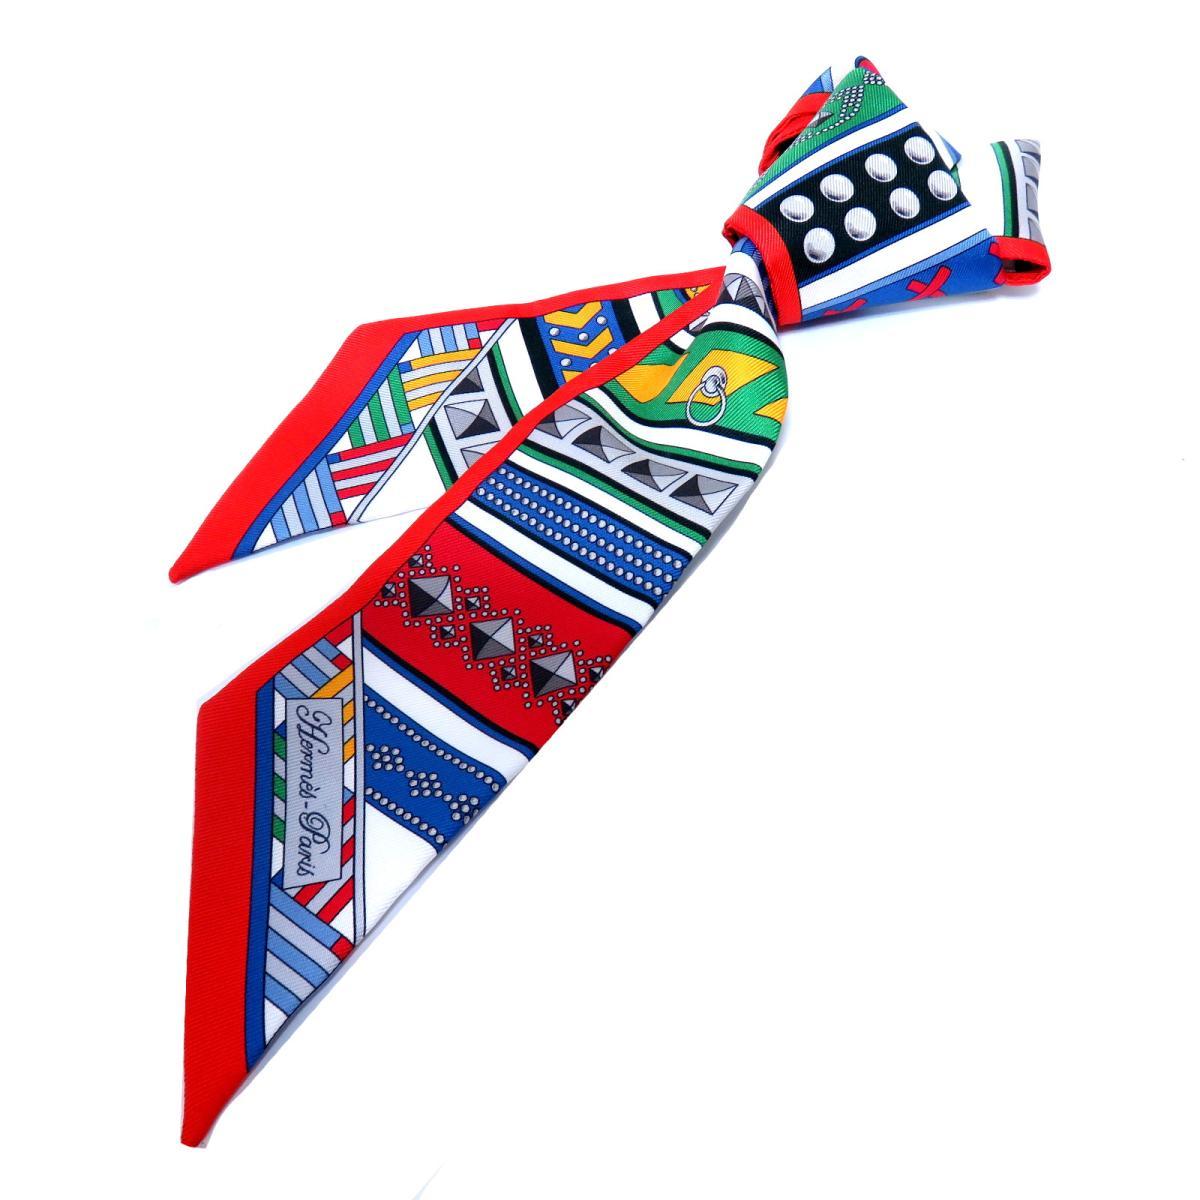 エルメス トゥイリー スカーフ 衣料品 レディース シルク マルチカラー   HERMES BRANDOFF ブランドオフ ブランド